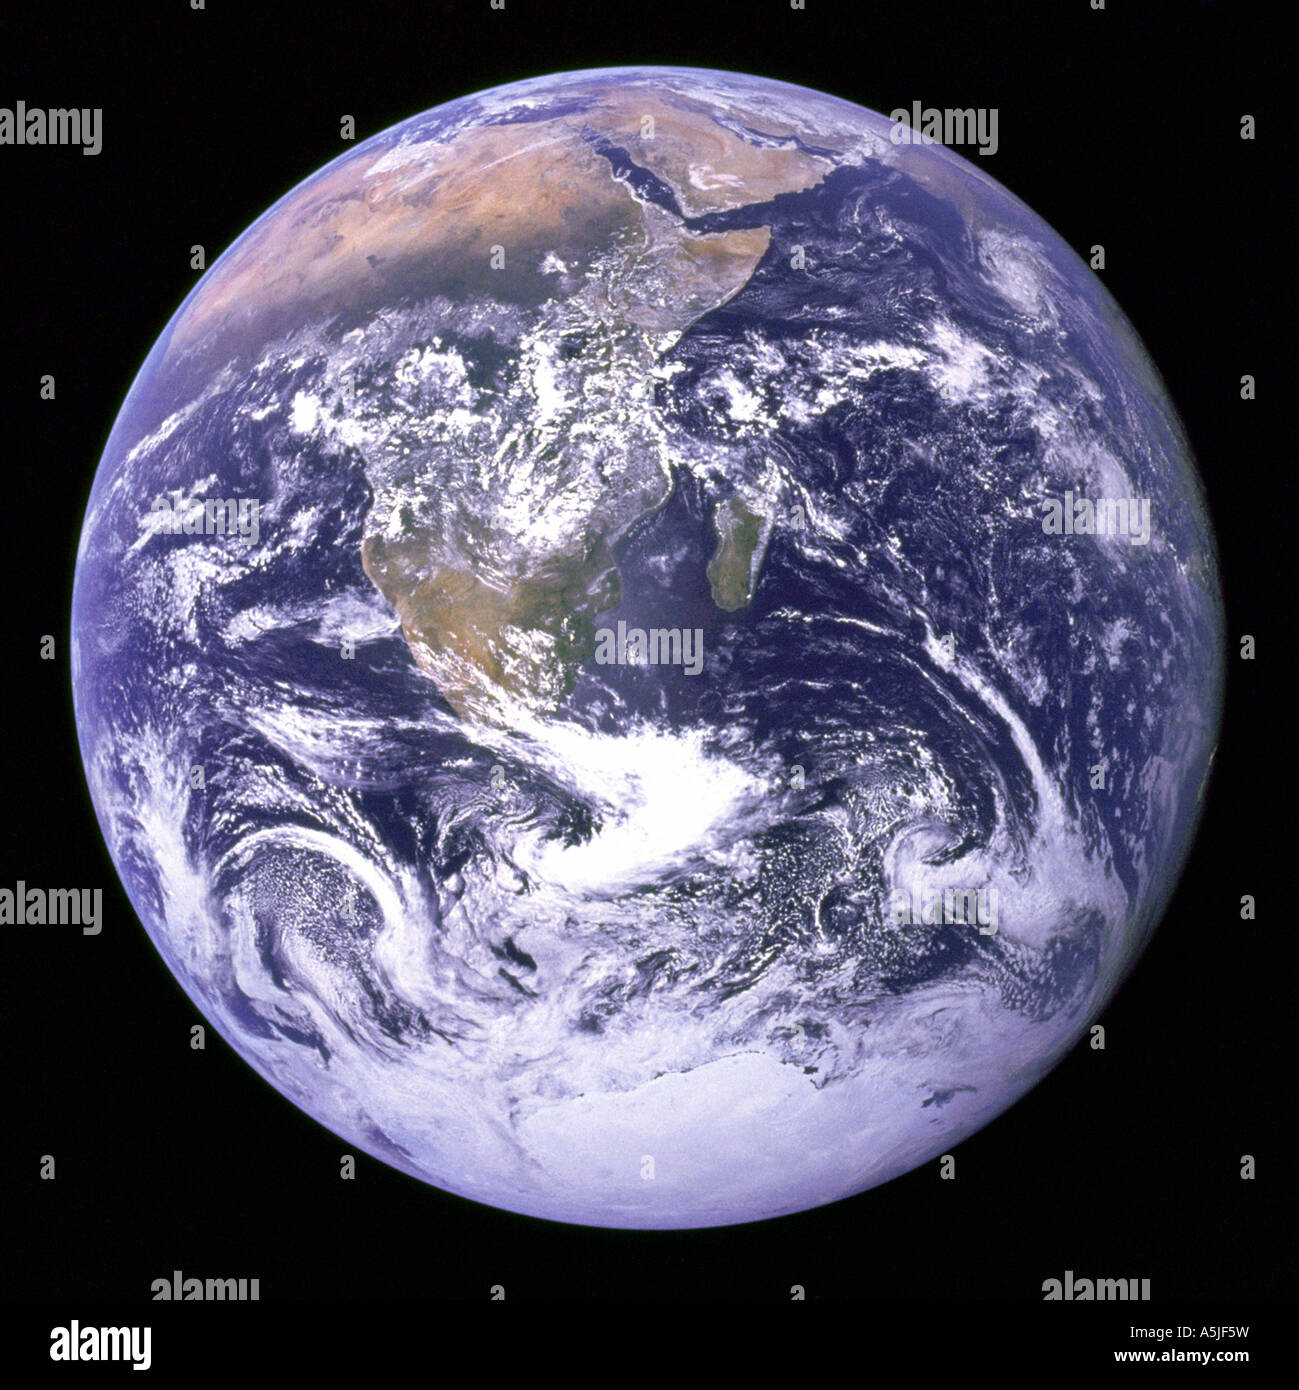 Vista de la tierra, como se ha visto por la tripulación del Apolo 17 viajando hacia la Luna. Fecha: 12/07/1972 Imagen De Stock